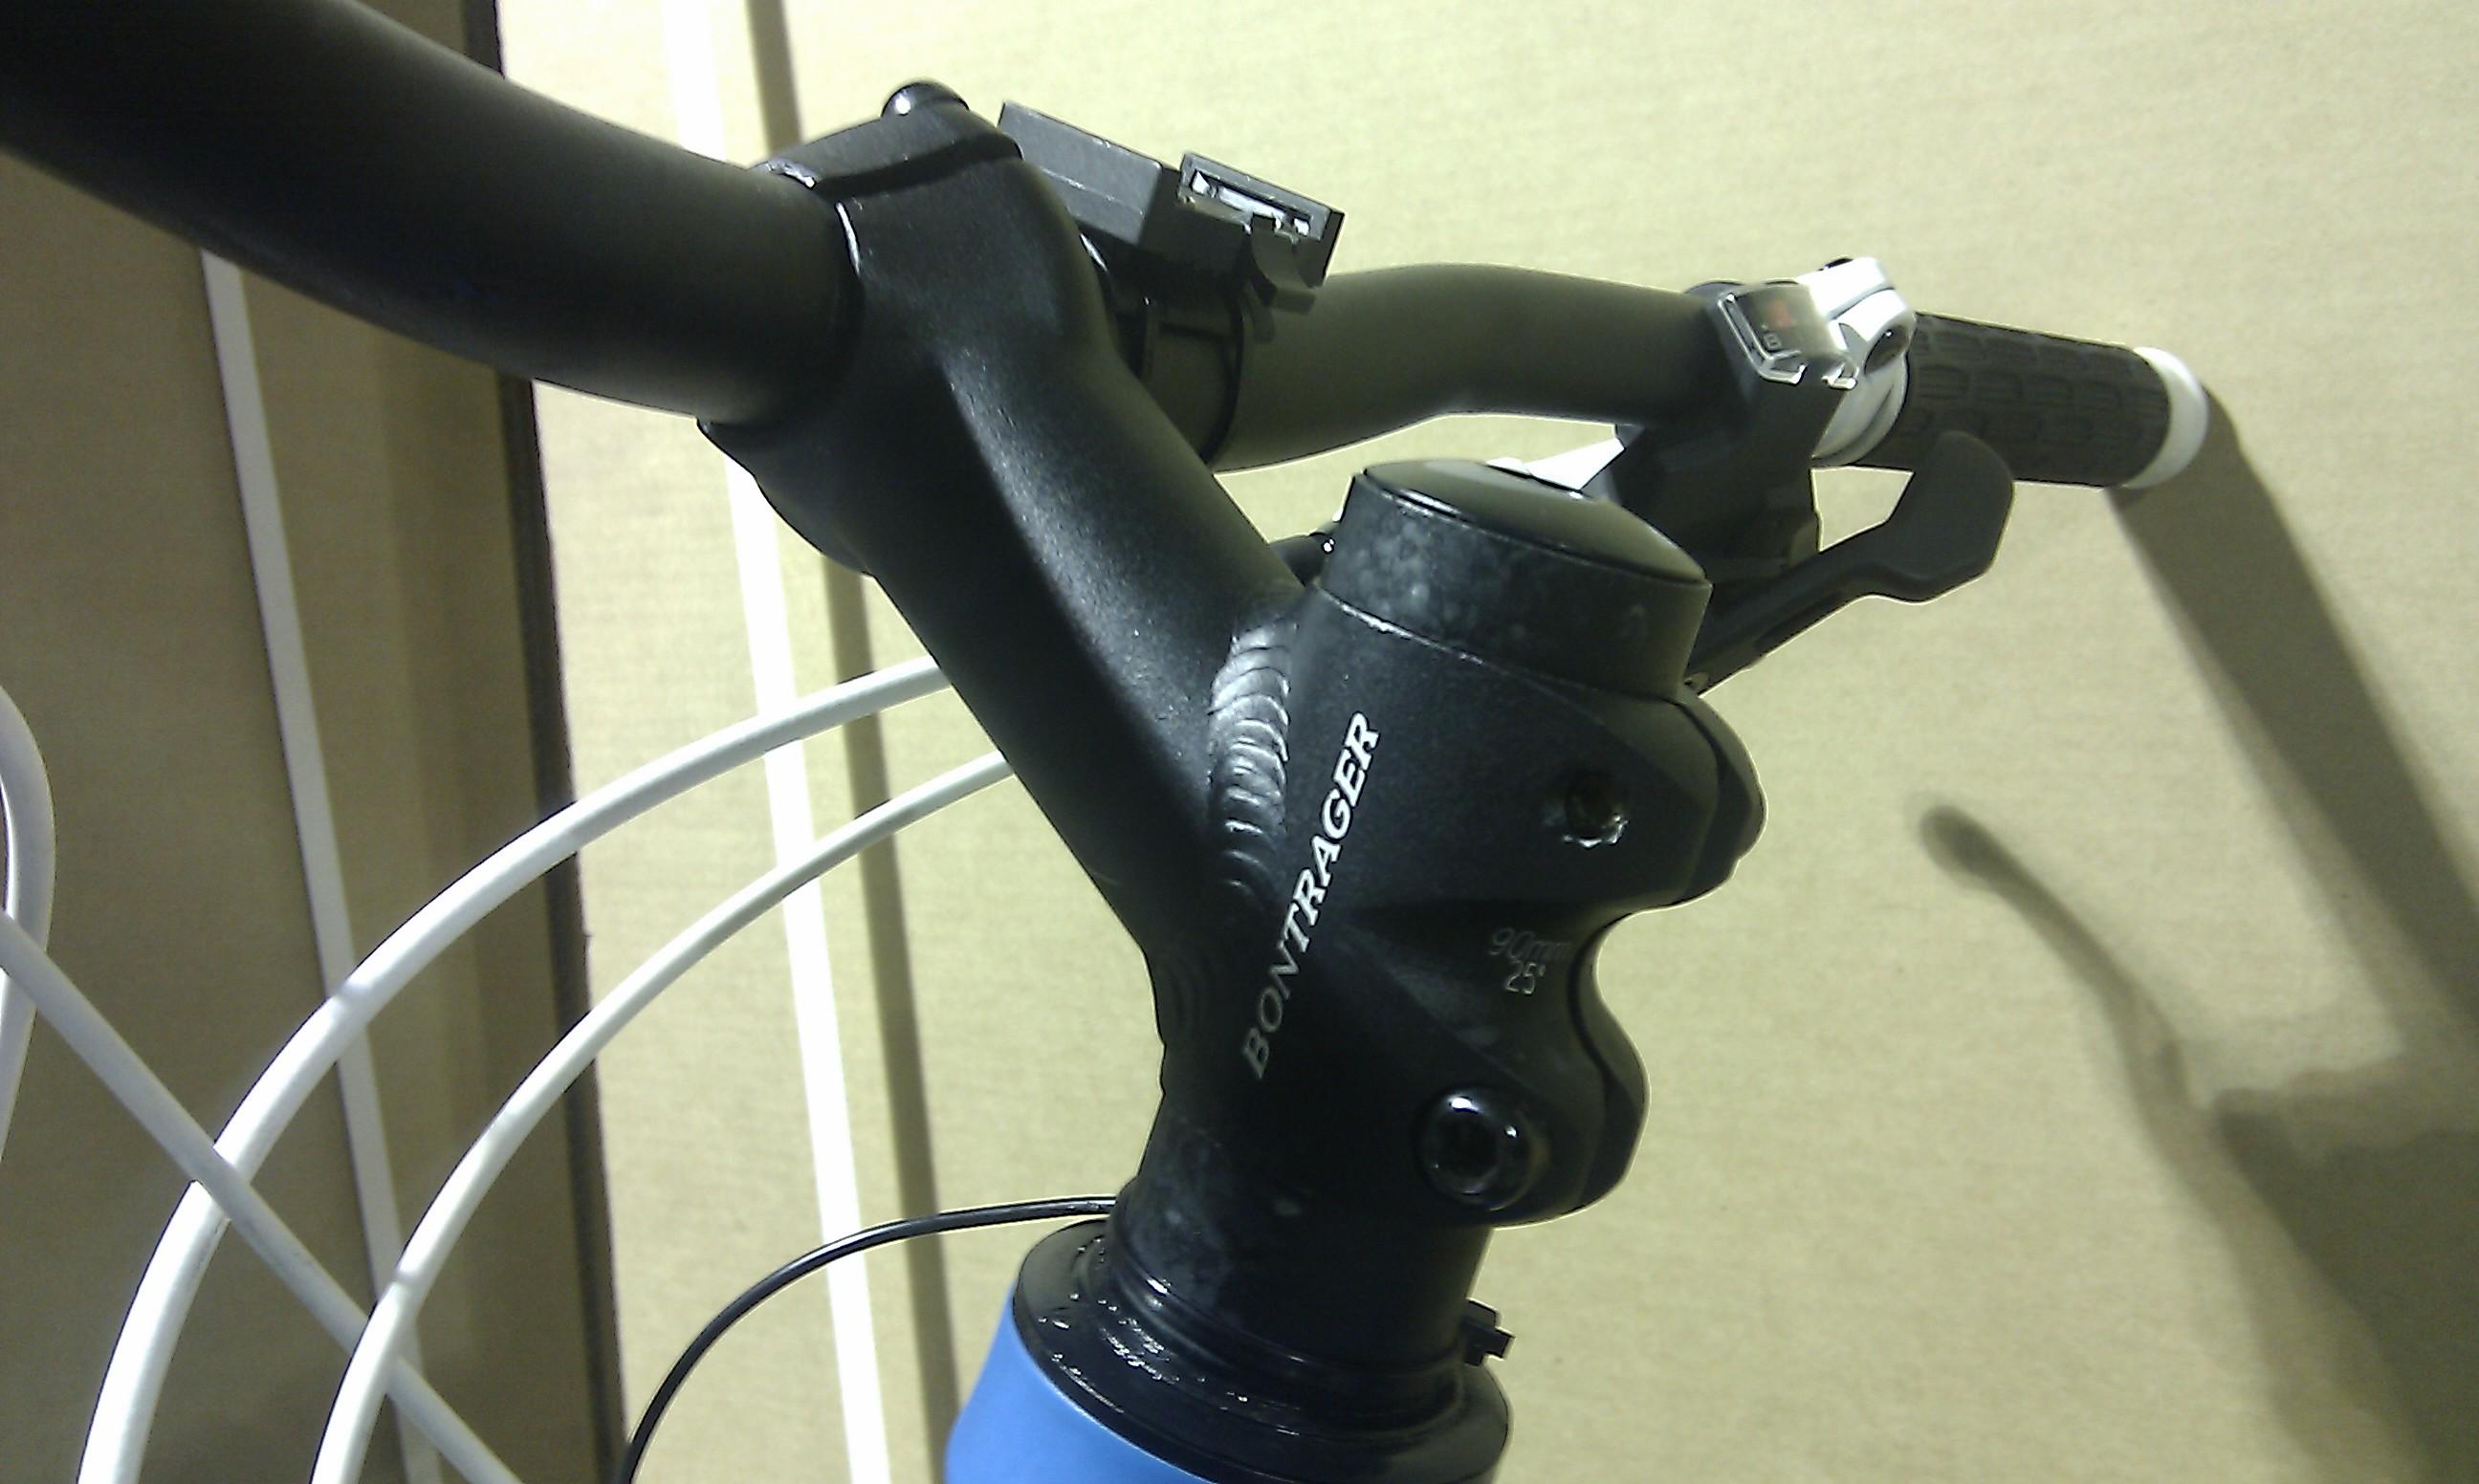 Ручки на руль велосипеда своими руками